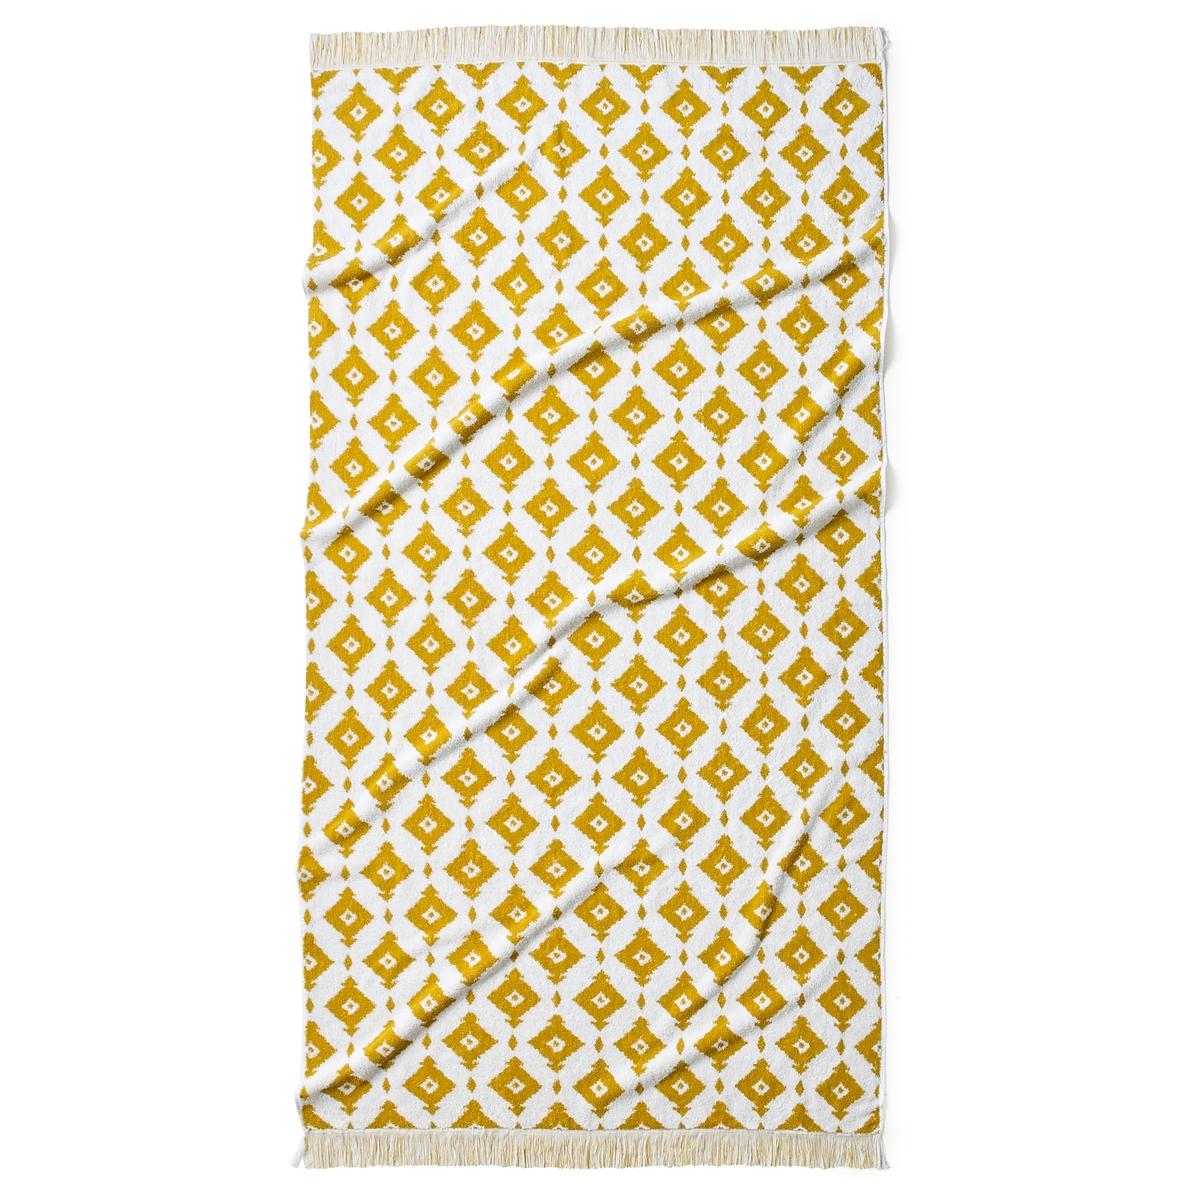 Полотенце пляжное из жаккарда IKAОписание:На выходных или каникулах, пляжное полотенце Ika из мягкой жаккардовой ткани с модными этническими мотивами будет как никогда кстати.Характеристики пляжного полотенца Ika:Махровая ткань с жаккардовым рисунком, 100 % хлопок, 500 г/м?.Графический рисунко с отделкой бахромой.Машинная стирка при 60 °С и барабанная сушка.Размеры полотенца Ika:90 x 180 смНайдите всю коллекцию Ika на сайте laredoute.ruЗнак Oeko-Tex® гарантирует, что в проверенных изделиях отсутствуют вредные для здоровья человека вещества.<br><br>Цвет: насыщенно-желтый/белый,серо-синий/белый